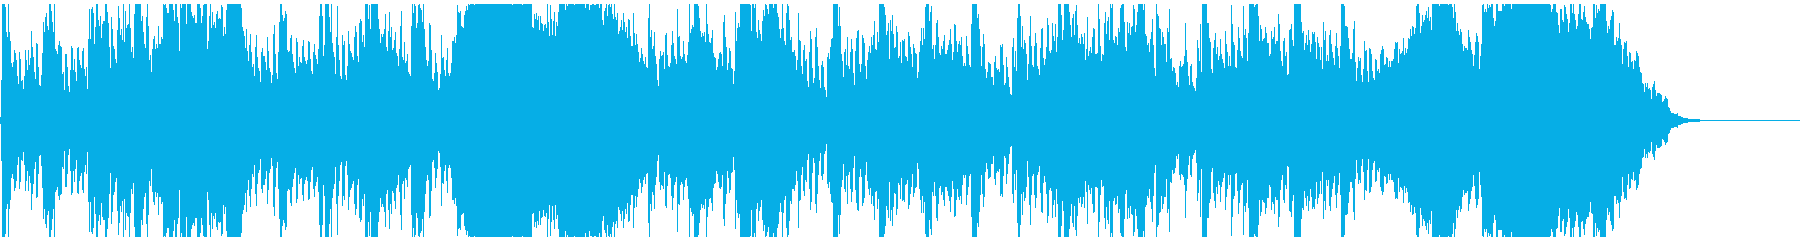 始まりを予感させるオーケストラの再生済みの波形